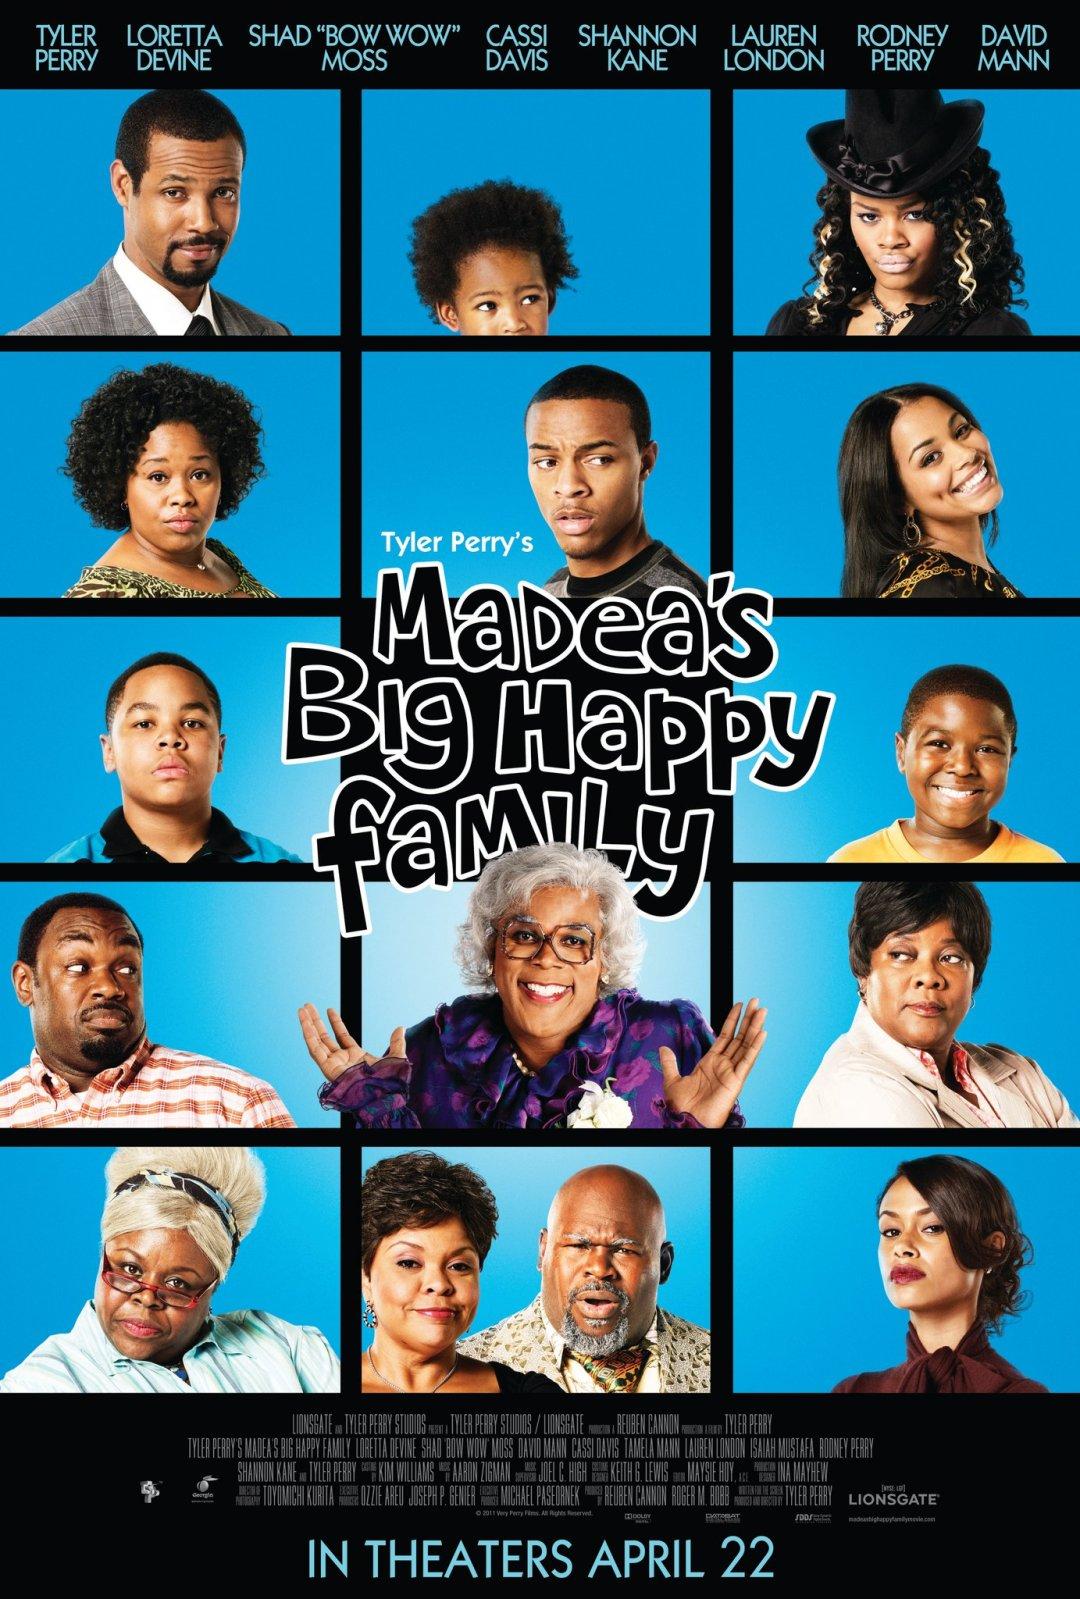 Movie tyler perry s madea s big happy family spoiledbroke